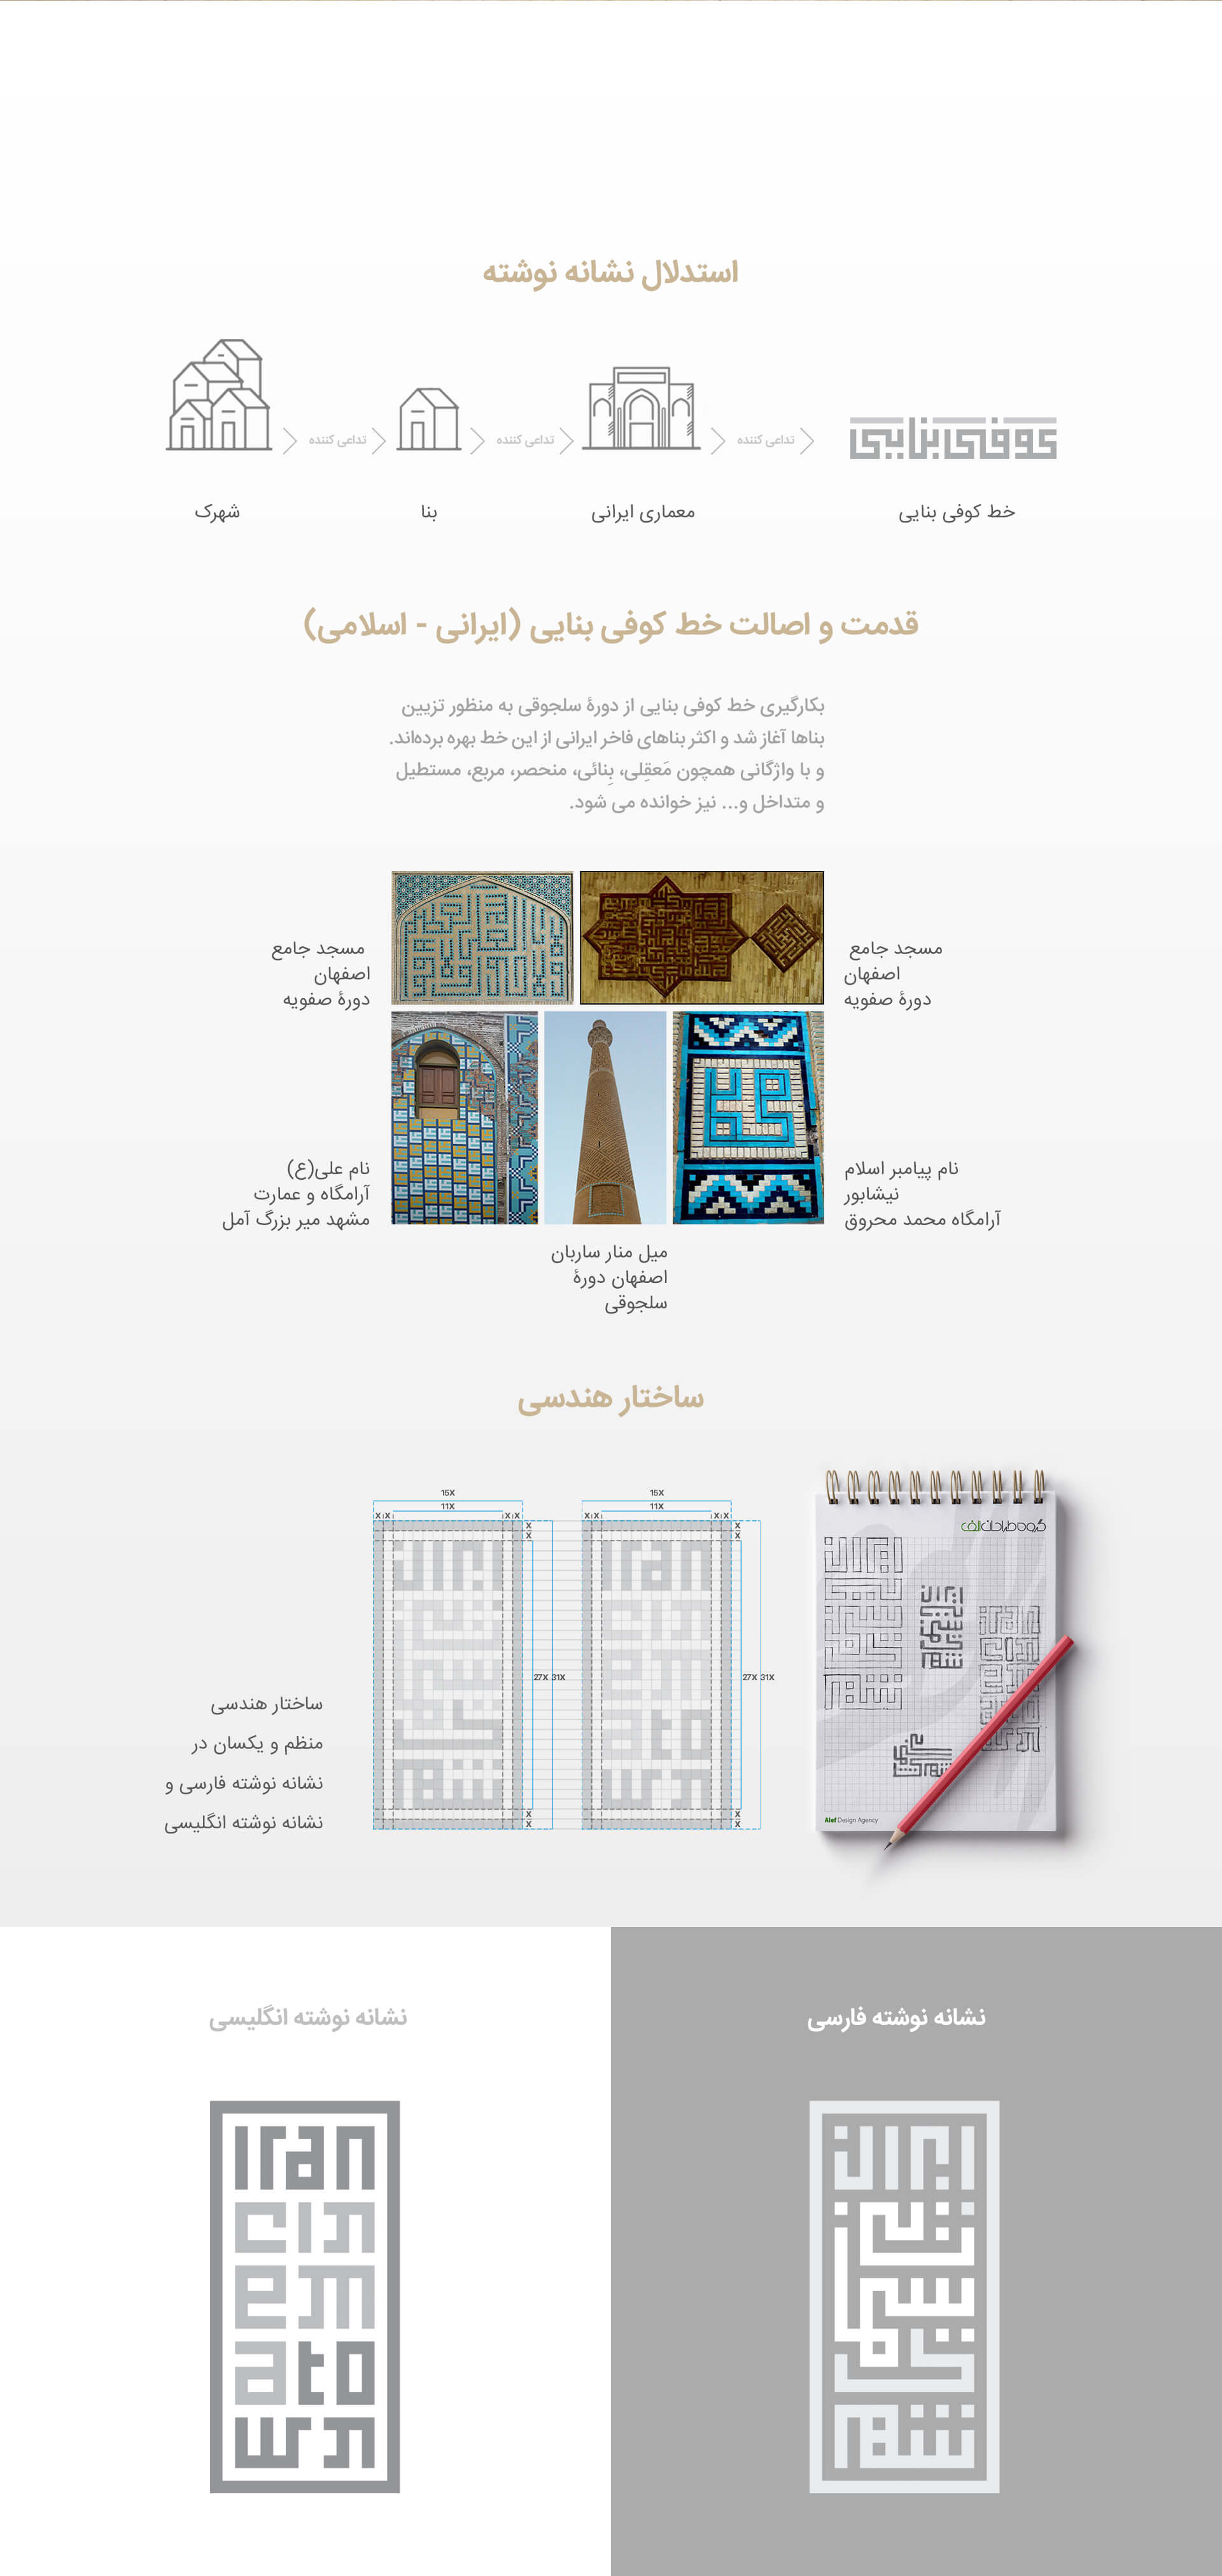 هویت بصری شهرک سینمایی ایران 2، هویت بصری، طراحی لوگو، طراحی لوگوتایپ، طراحی ست اداری، طراحی اوراق اداری، شرکت تبلیغاتی الف، طراحی هویت بصری